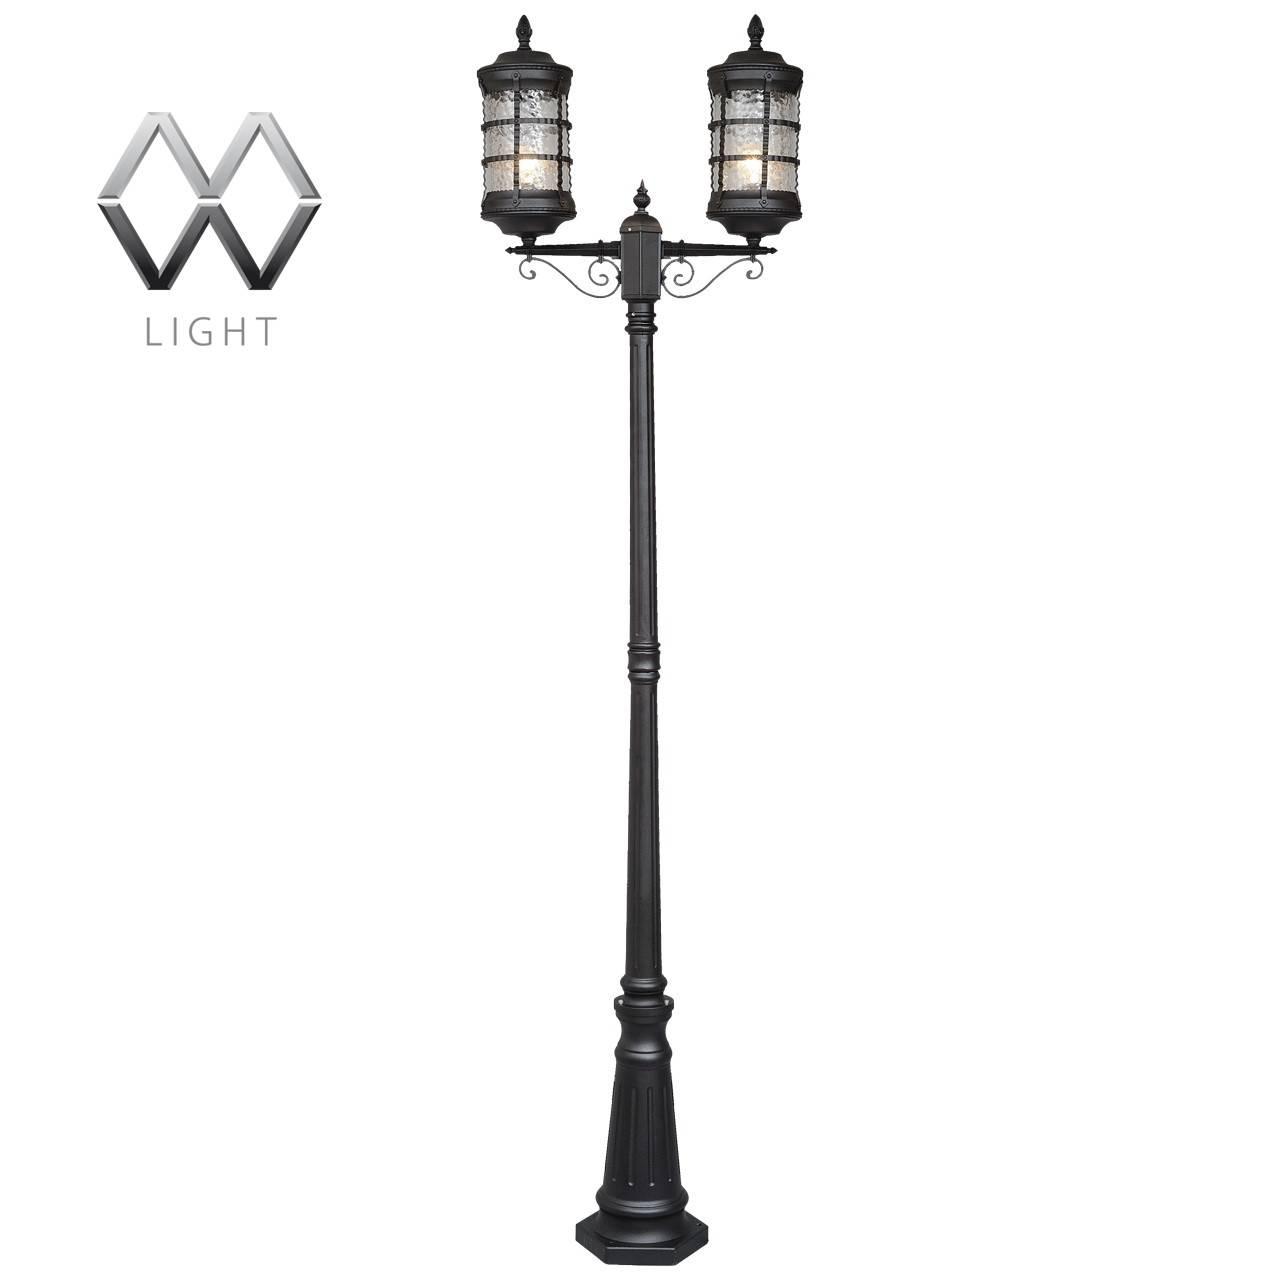 Садово-парковый светильник De Markt Донато 810040602 садово парковый светильник столб 100w e27 230v белый feron 4210 11033